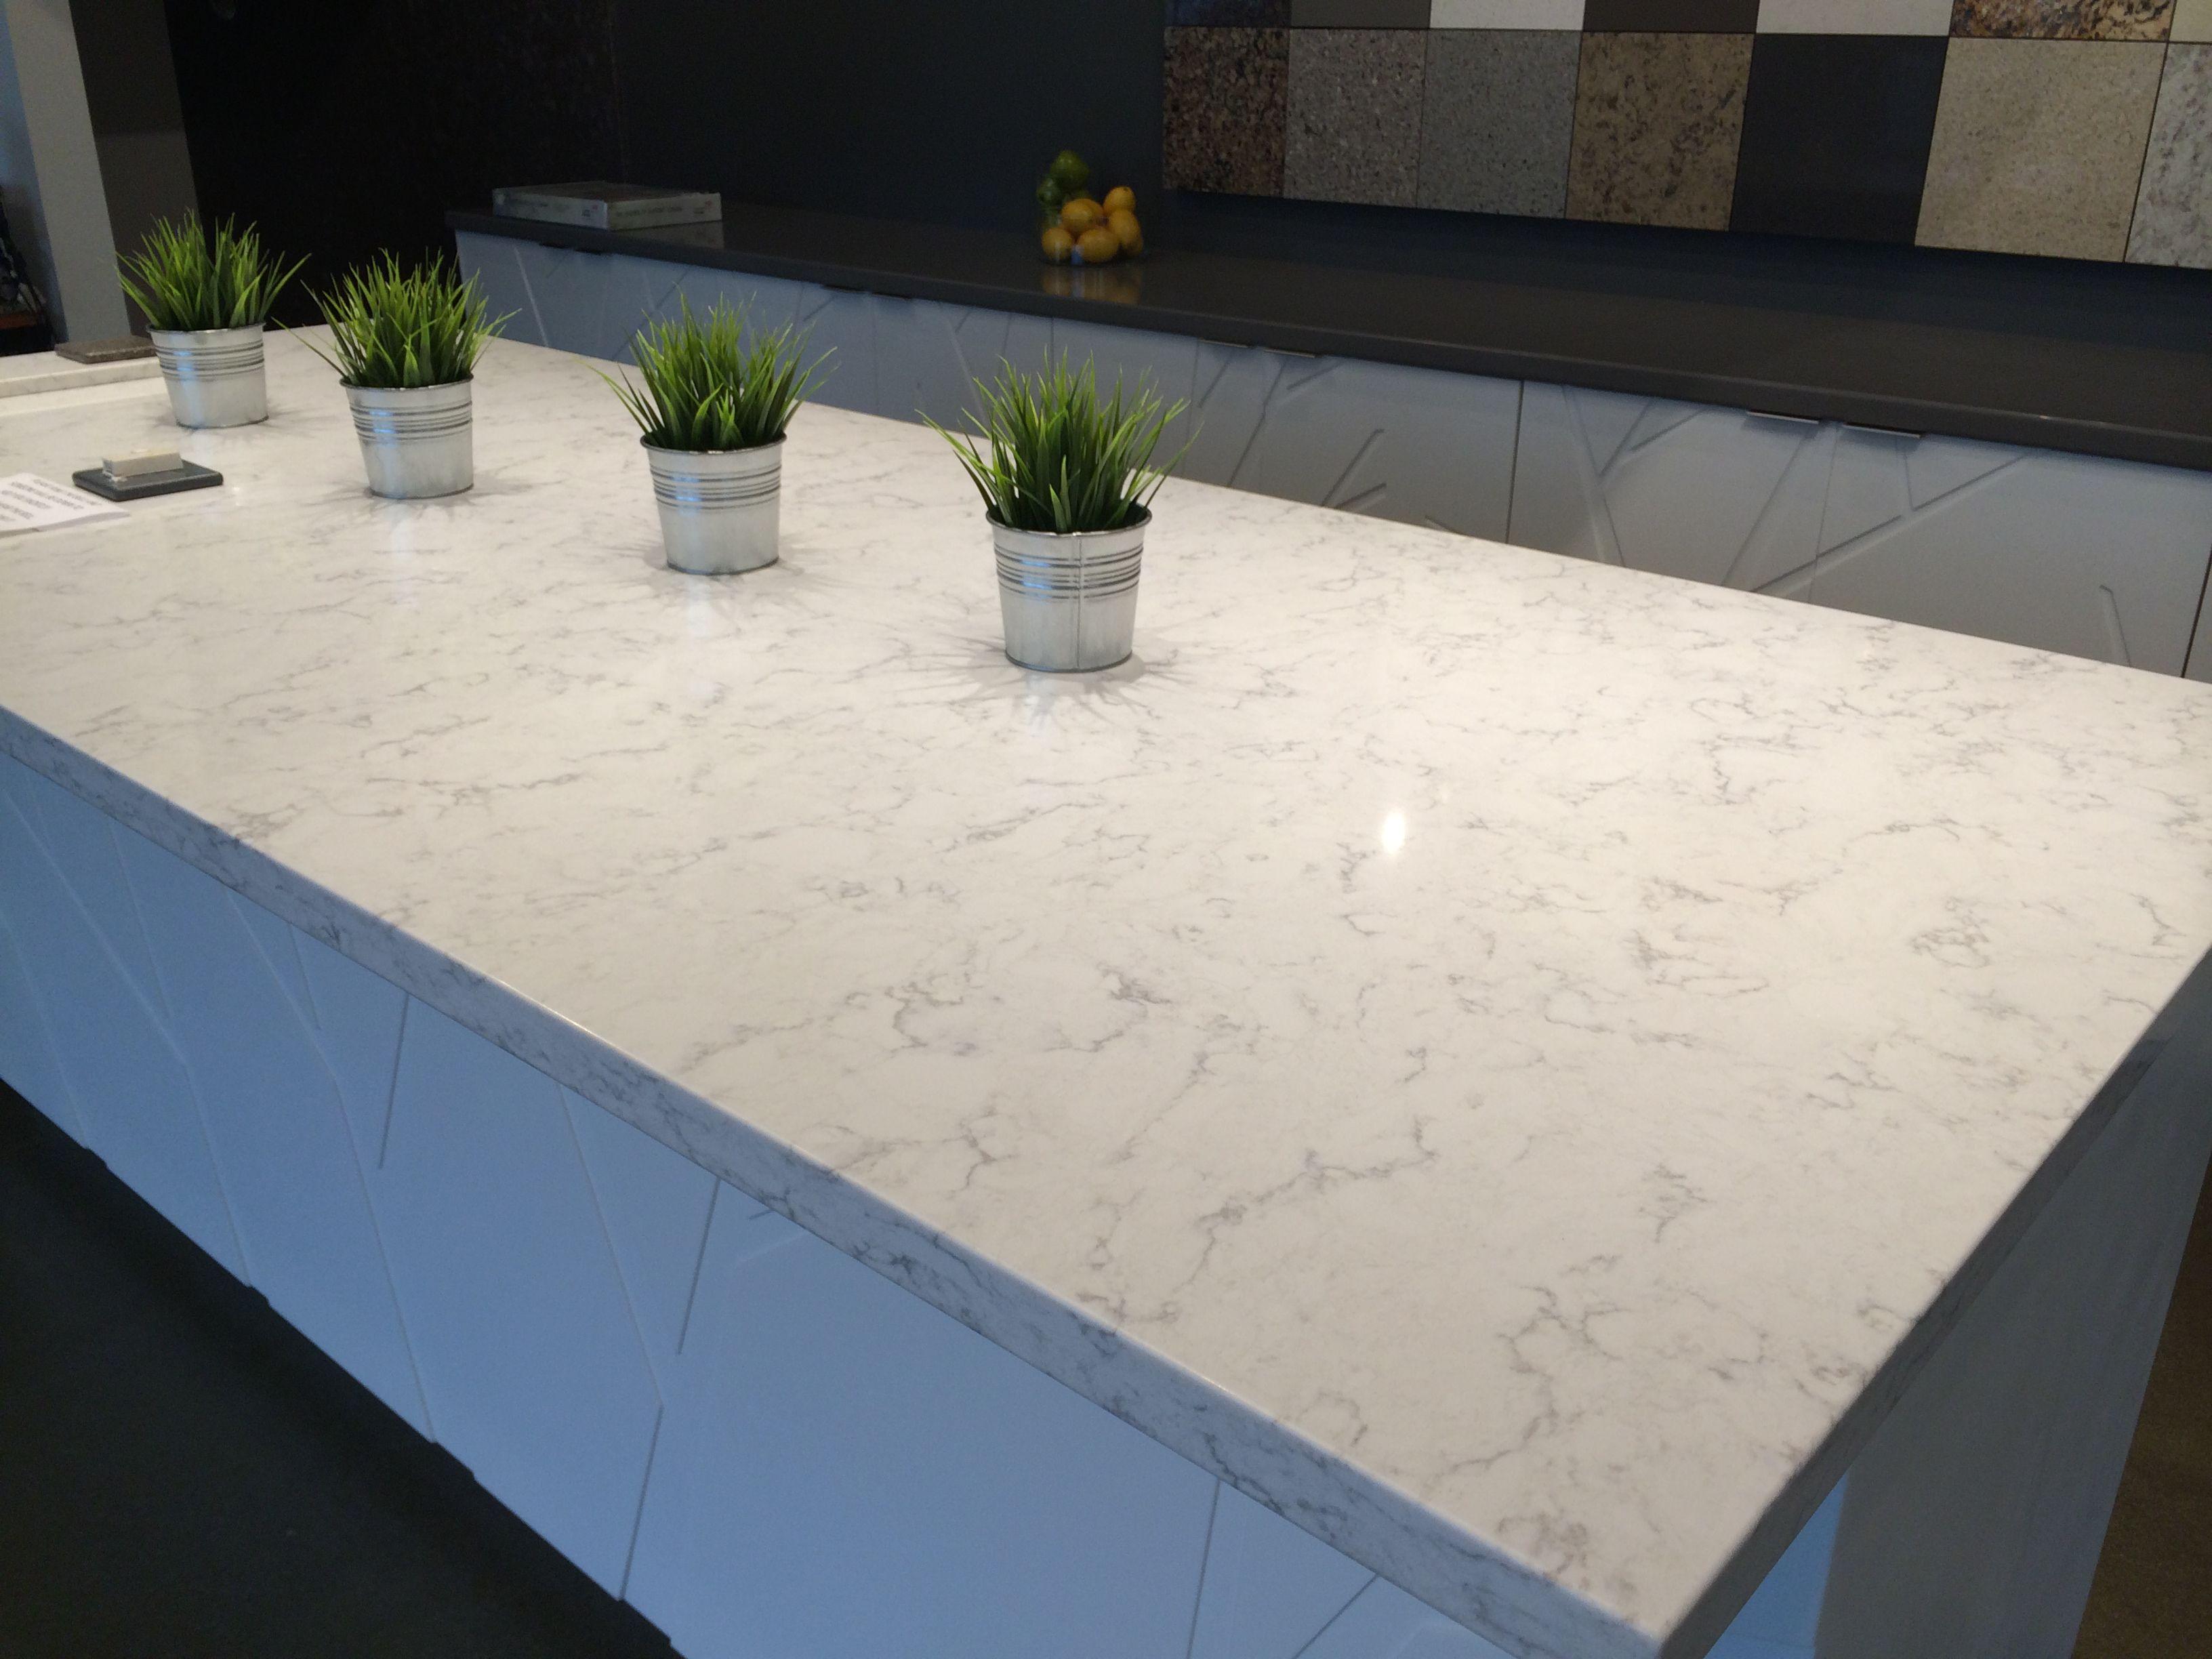 Viatera Quartz Minuet Bathroom Countertops Diy Quartz Kitchen